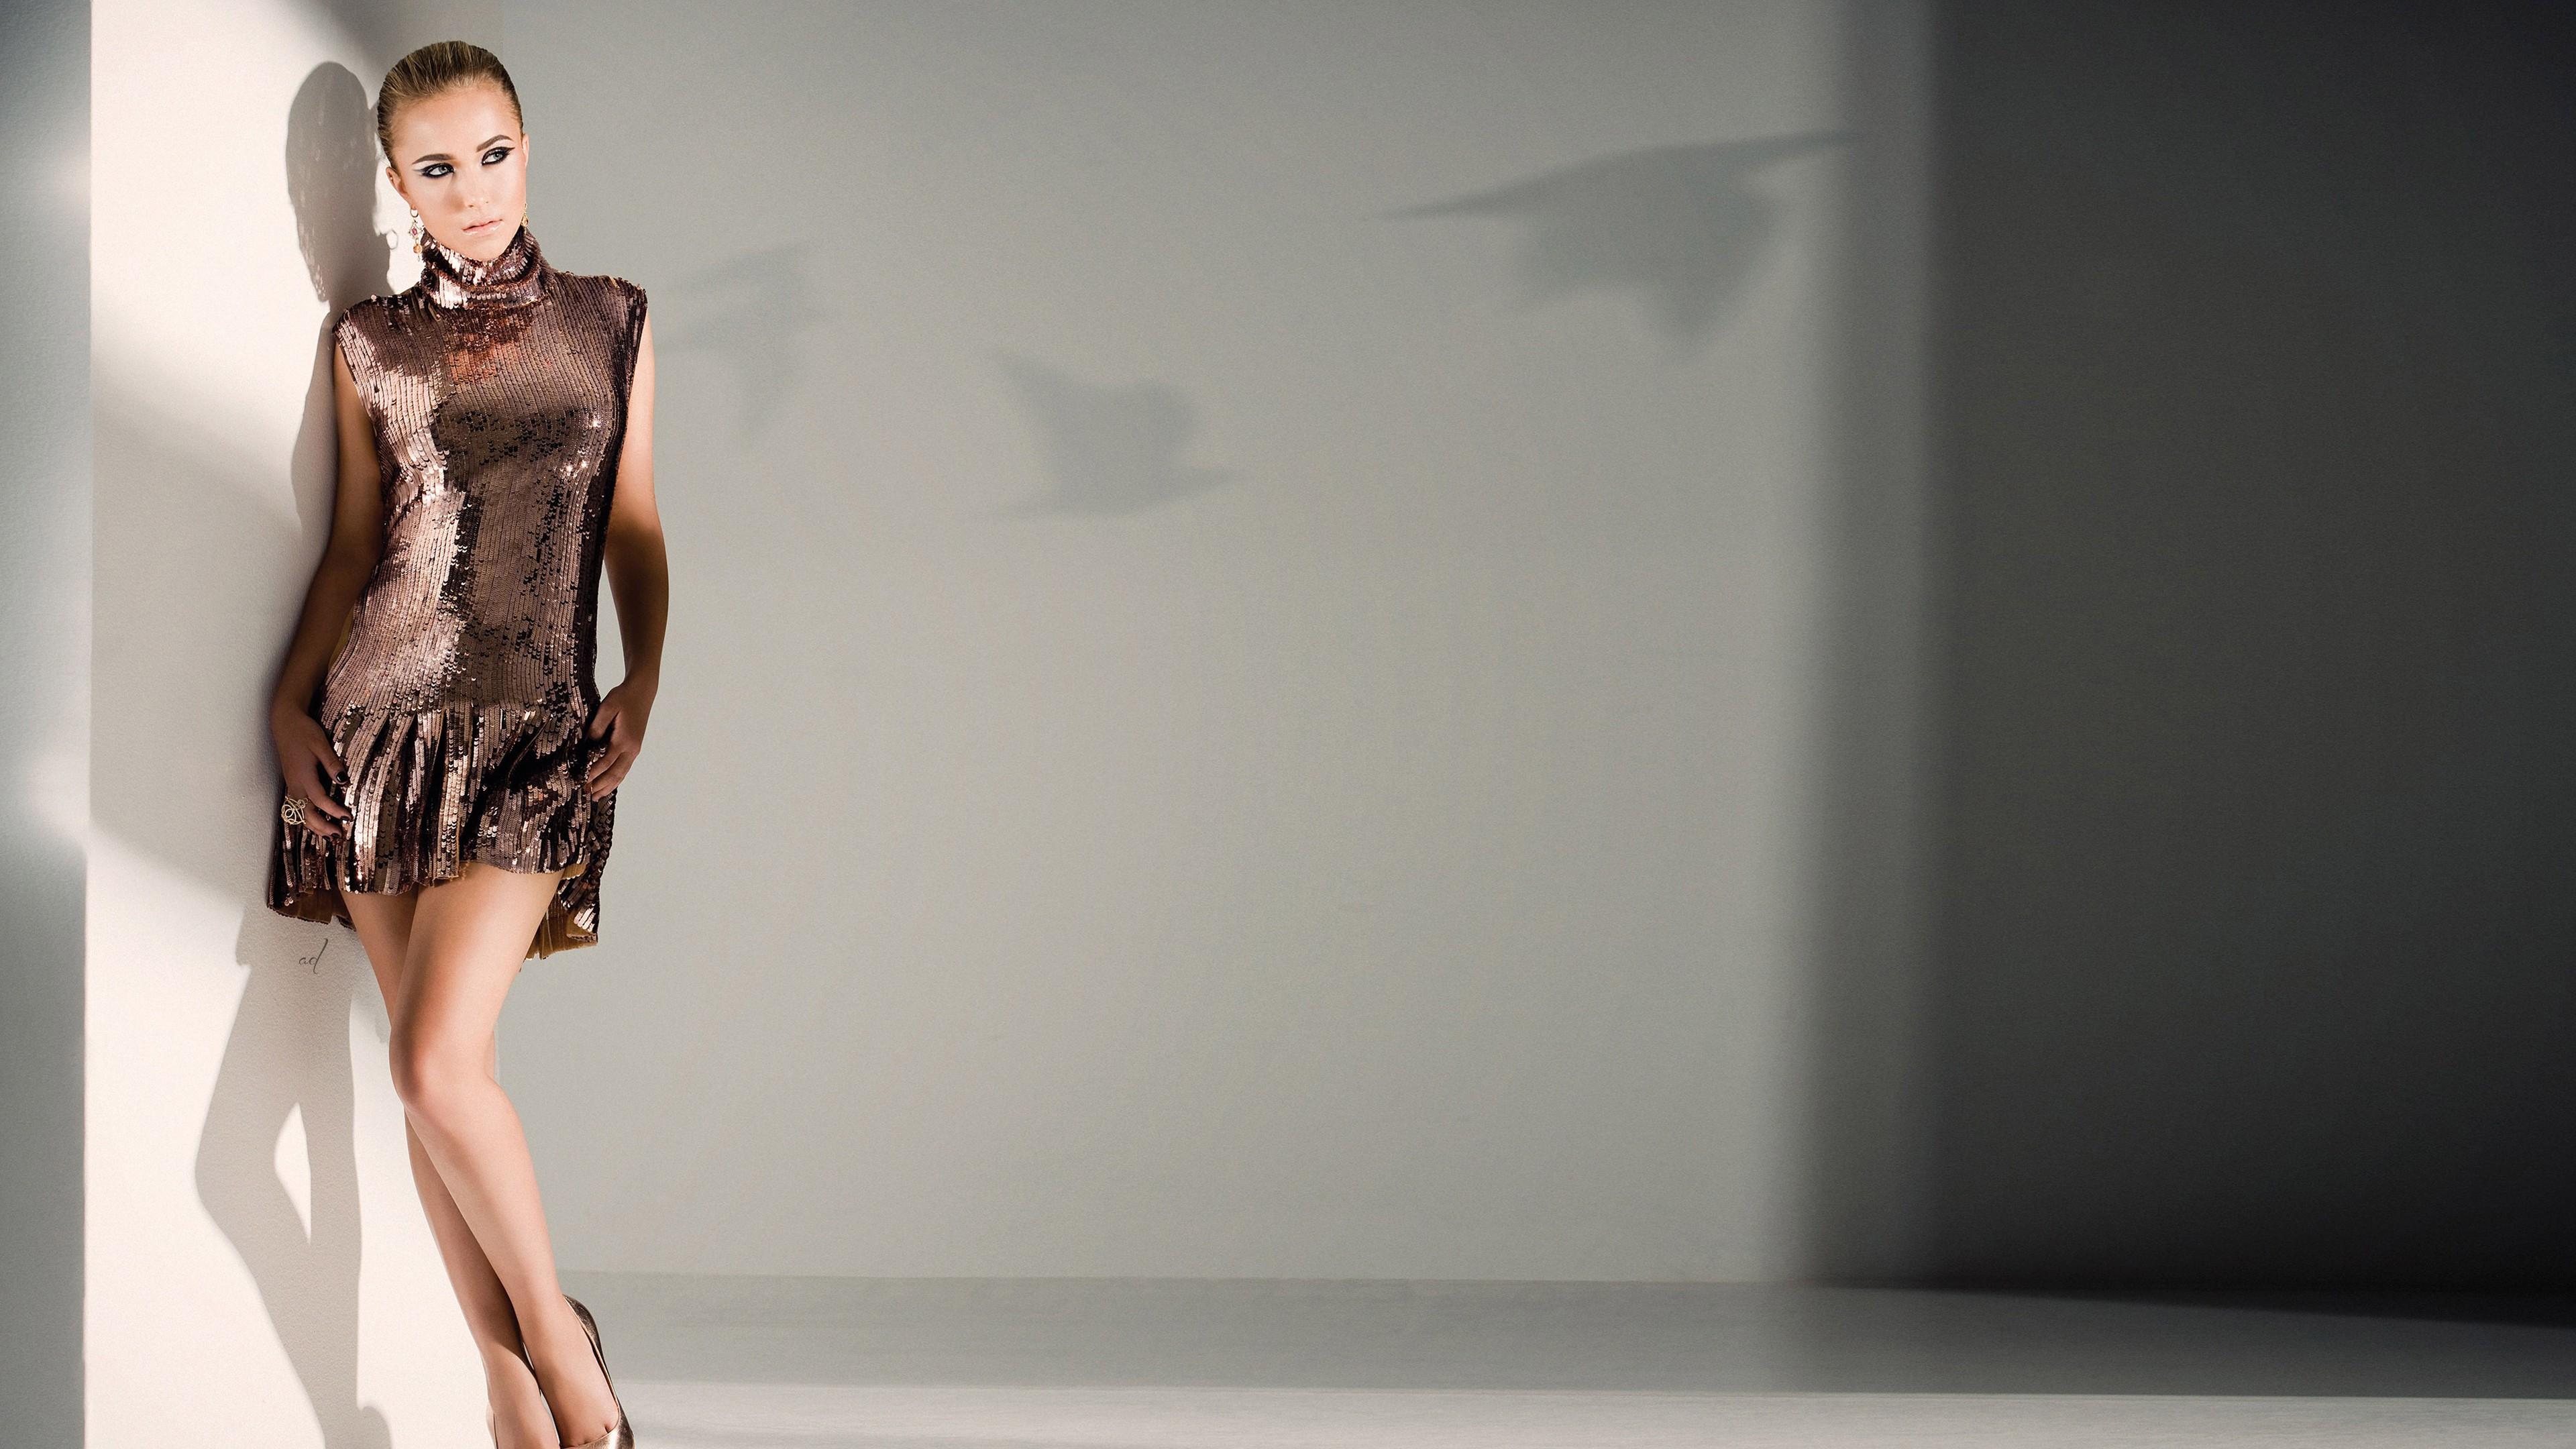 Hintergrundbilder : Modell-, blond, High Heels, Darstellerin, Kleid ...